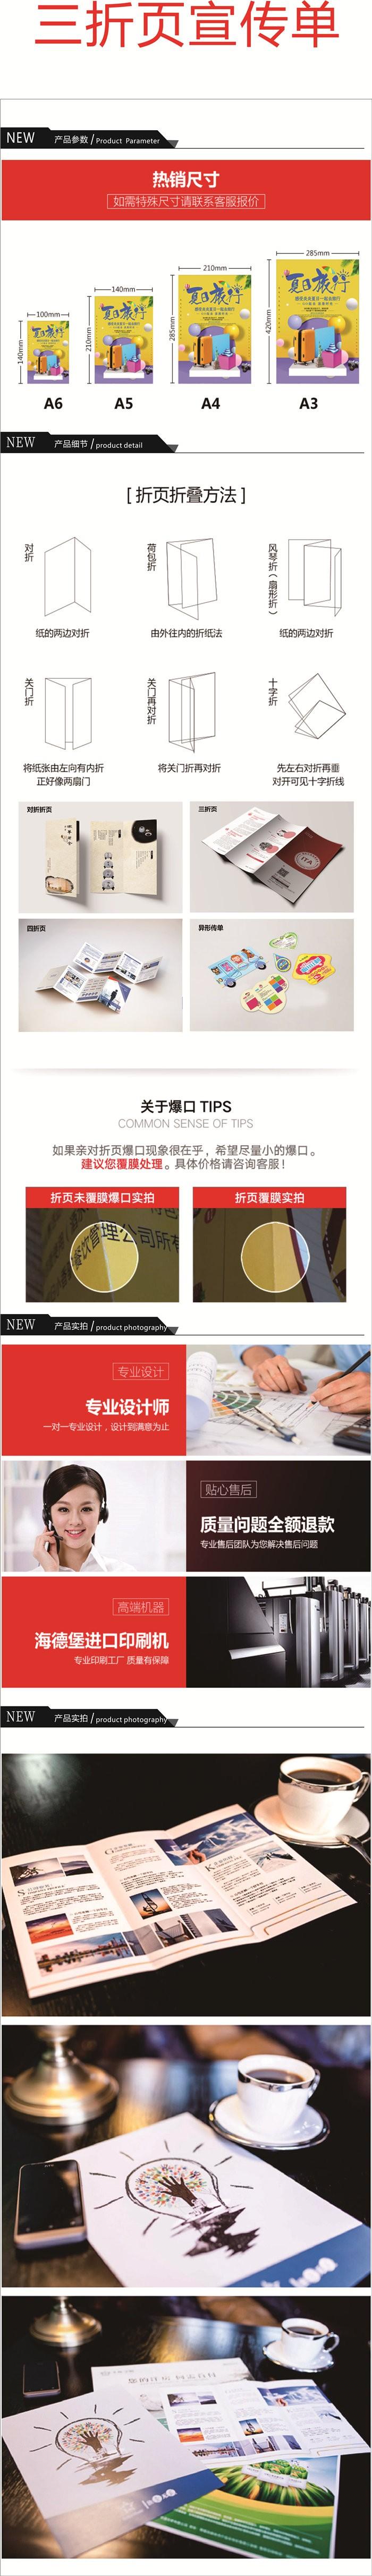 重庆三折页宣传单印刷